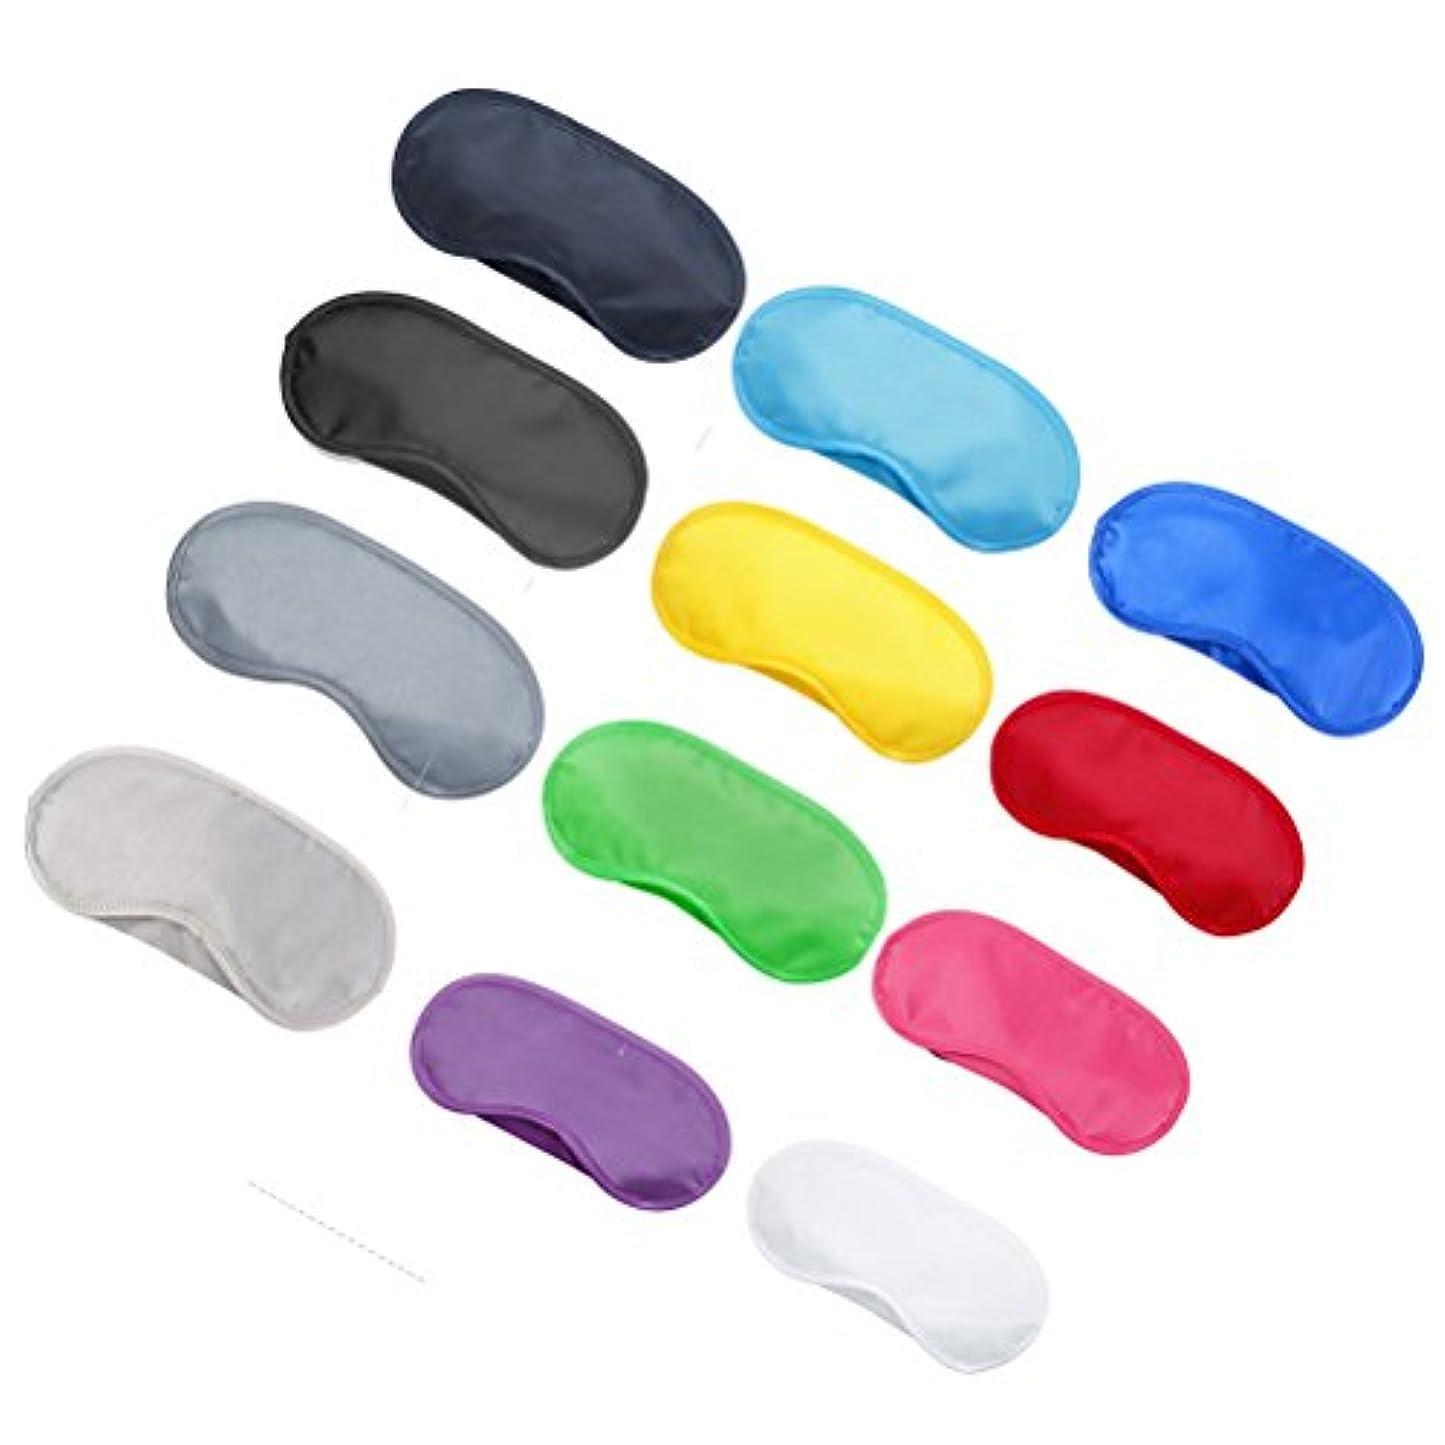 規制パンサービザSUPVOX 旅行作業瞑想のためのアイパッチアイシェードカバーを眠っている12本の多色アイマスク